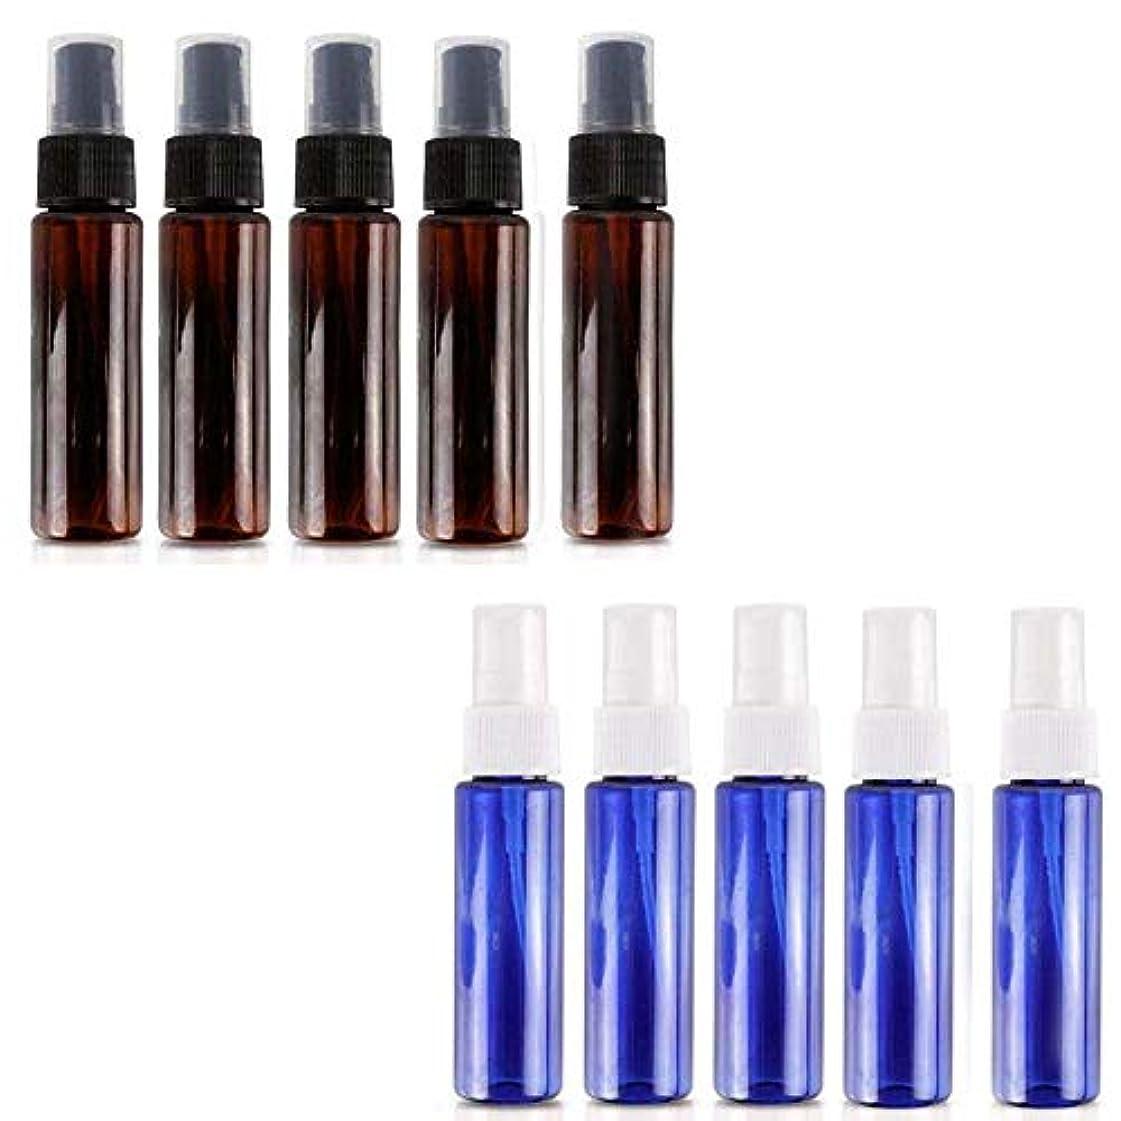 ポイント批判カテナMilent スプレー容器 スプレーボトル30ML 遮光瓶スプレー 10本 アロマ虫除けスプレー プラスチック製